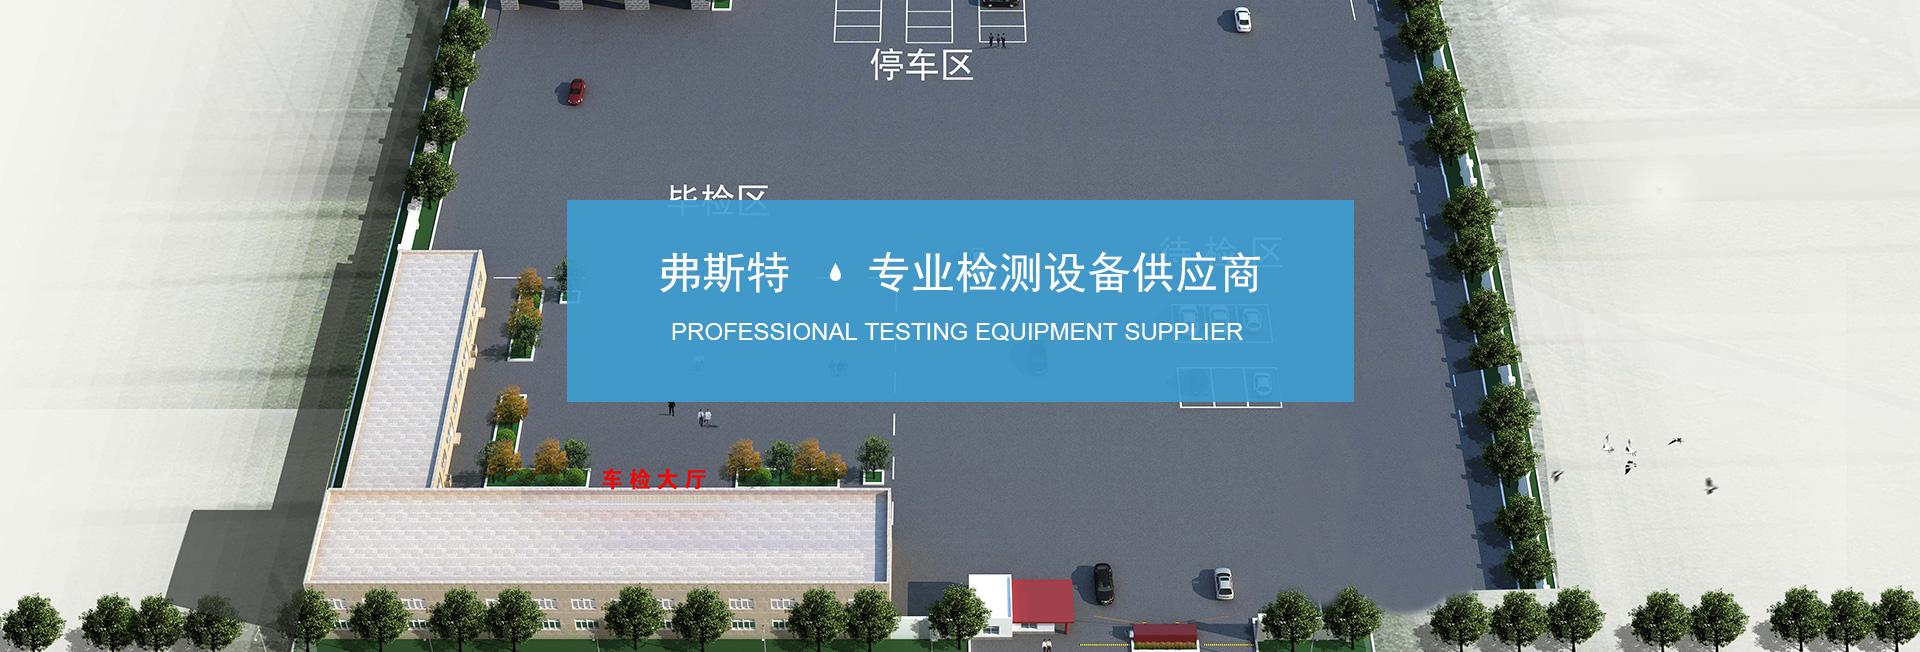 机动车驾驶人考试系统,机动车检测设备,IM站尾气智能诊断治理设备